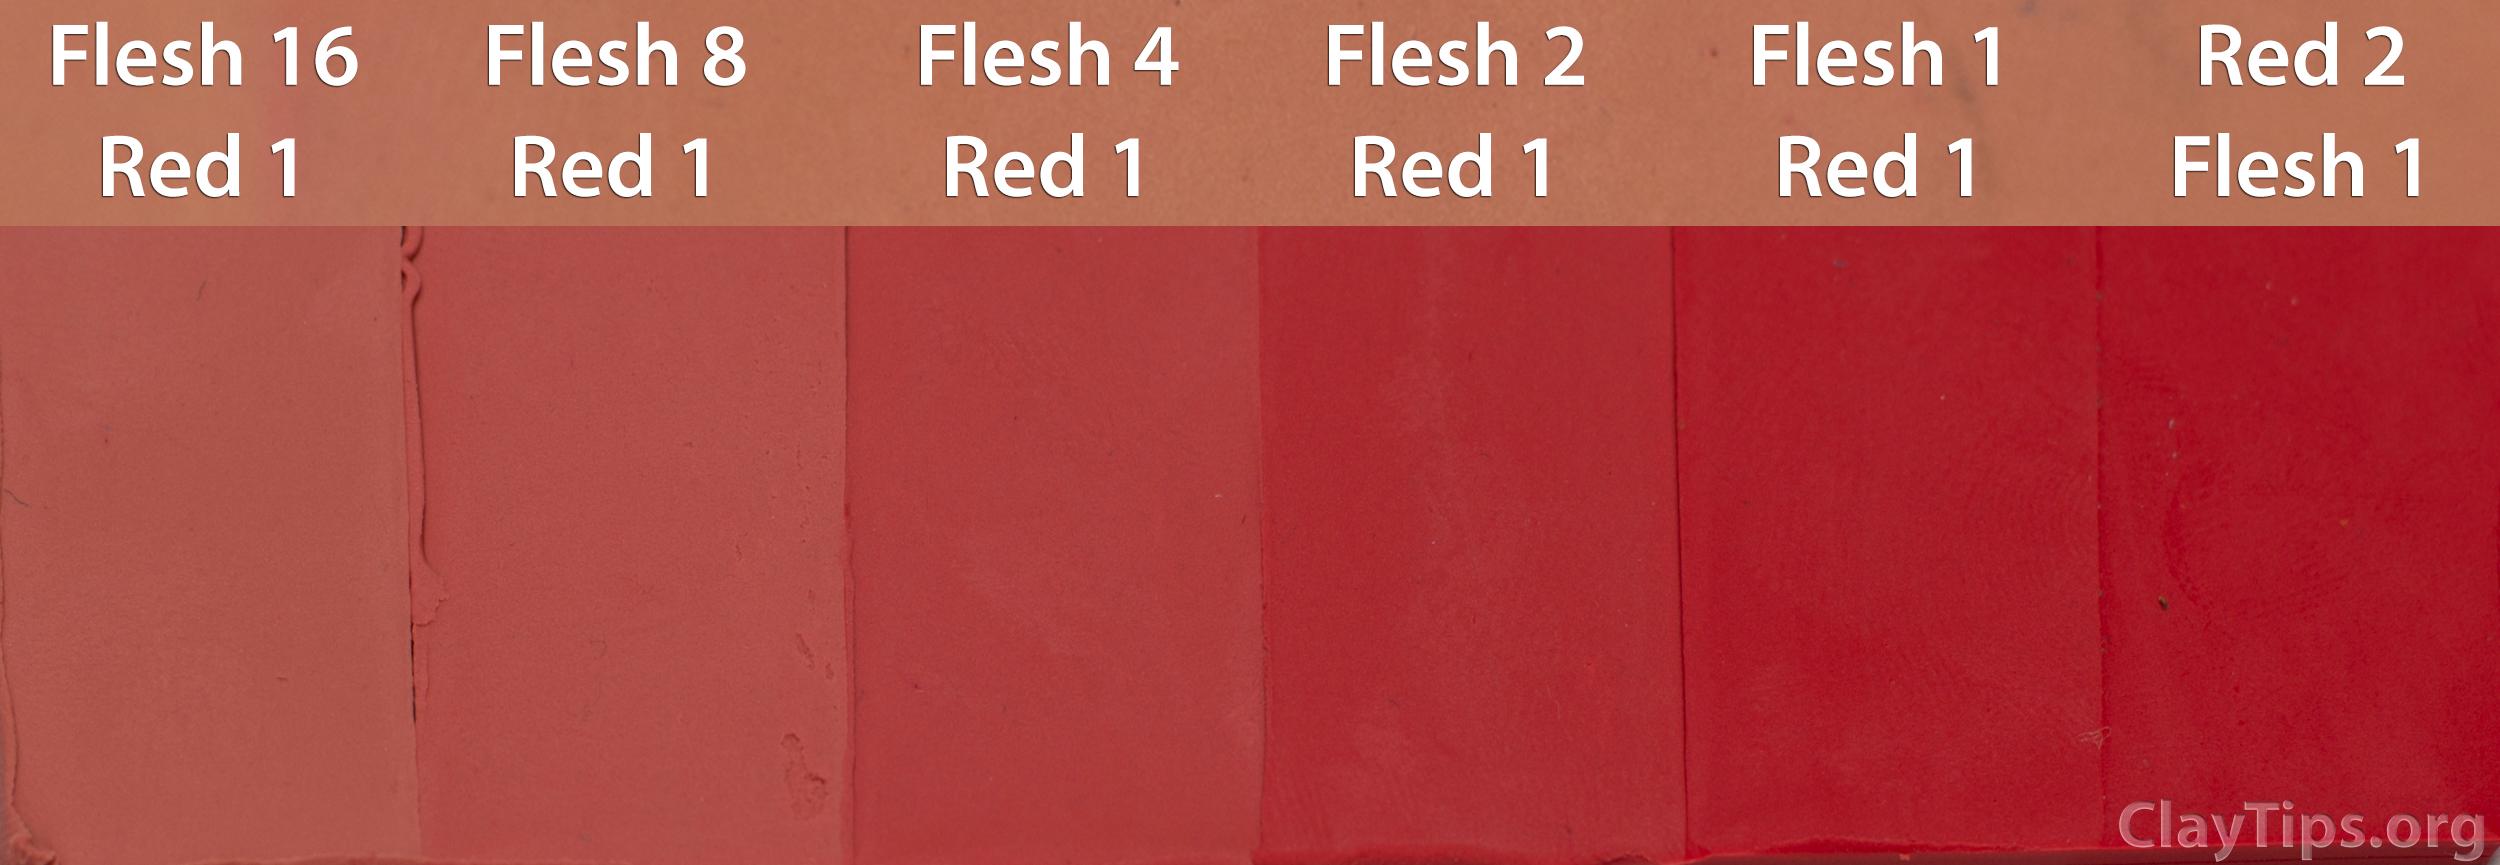 Flesh and Red Plasticine